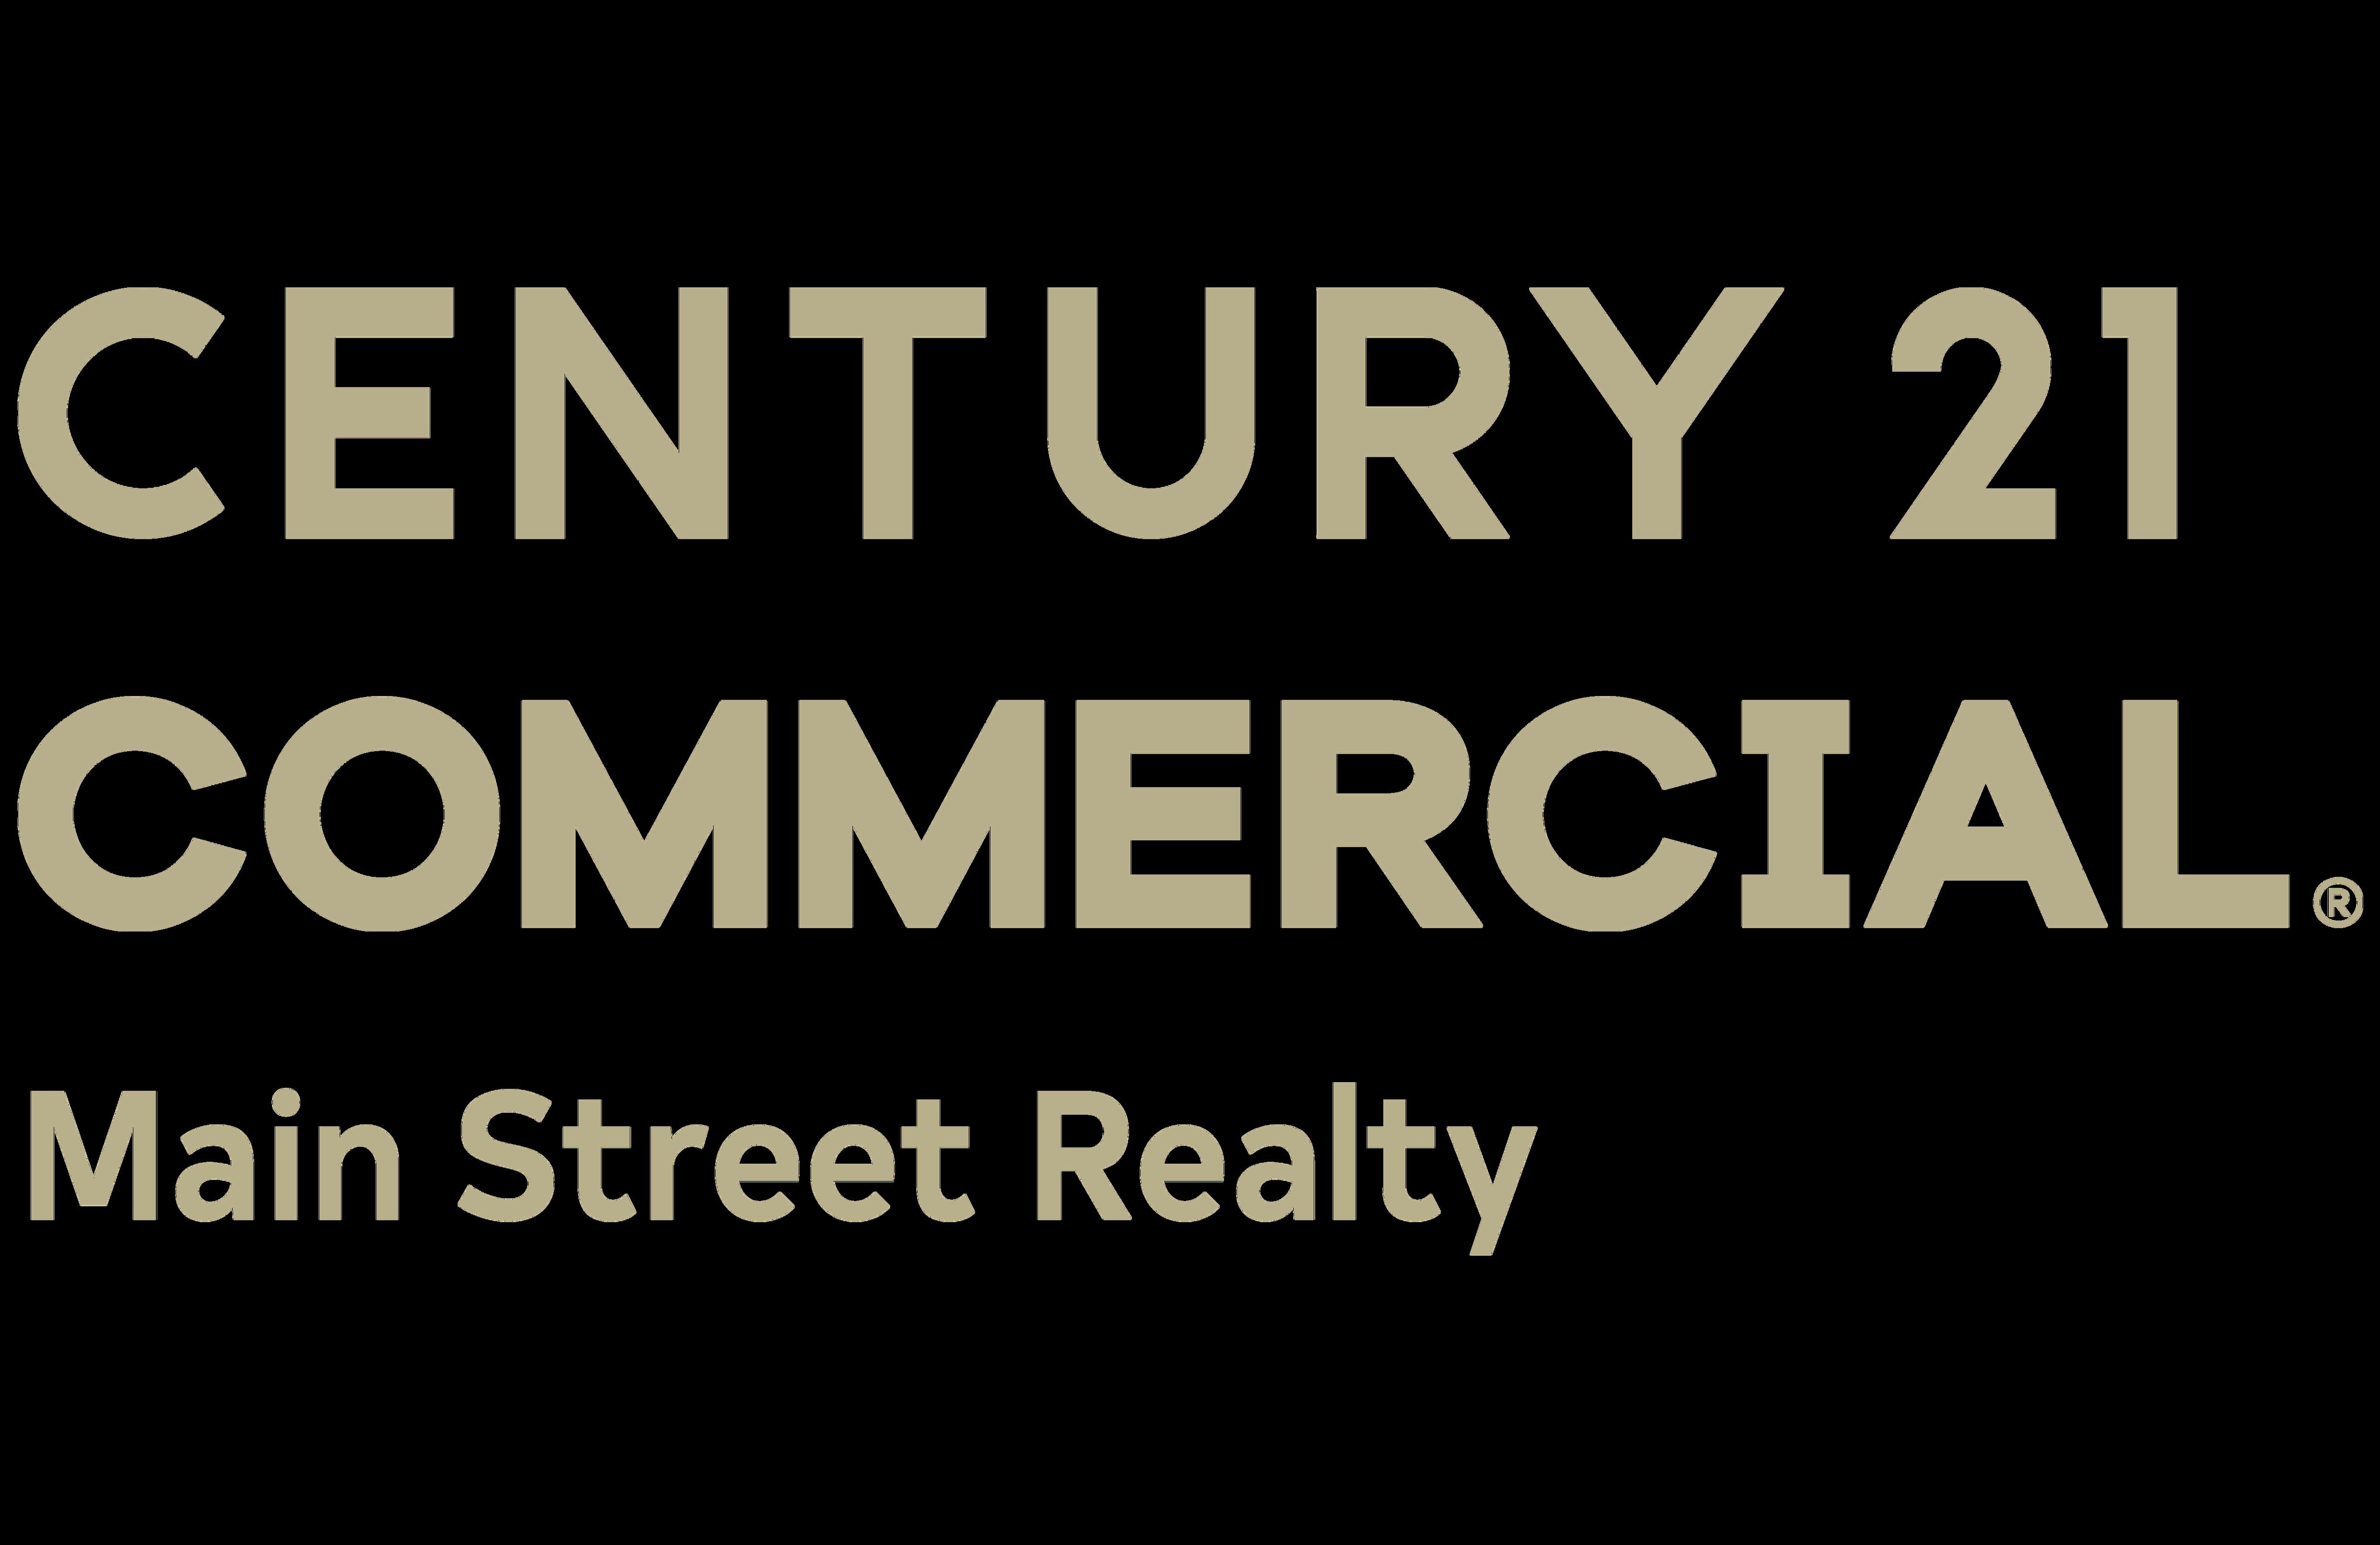 CENTURY 21 Main Street Realty